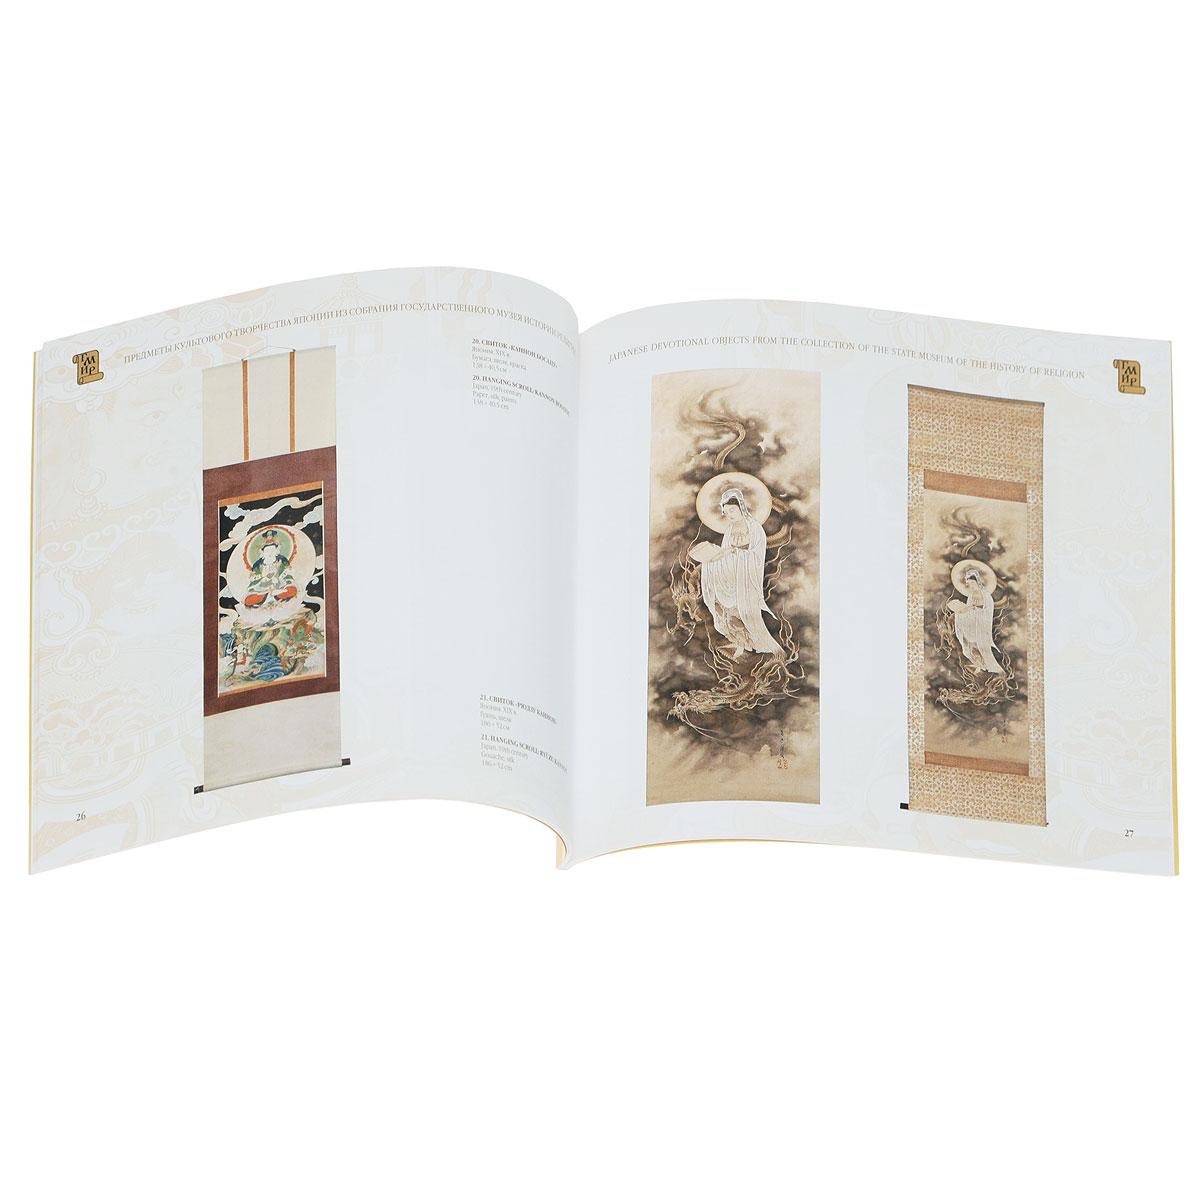 Предметы культового творчества Японии из собрания Государственного музея истории религии